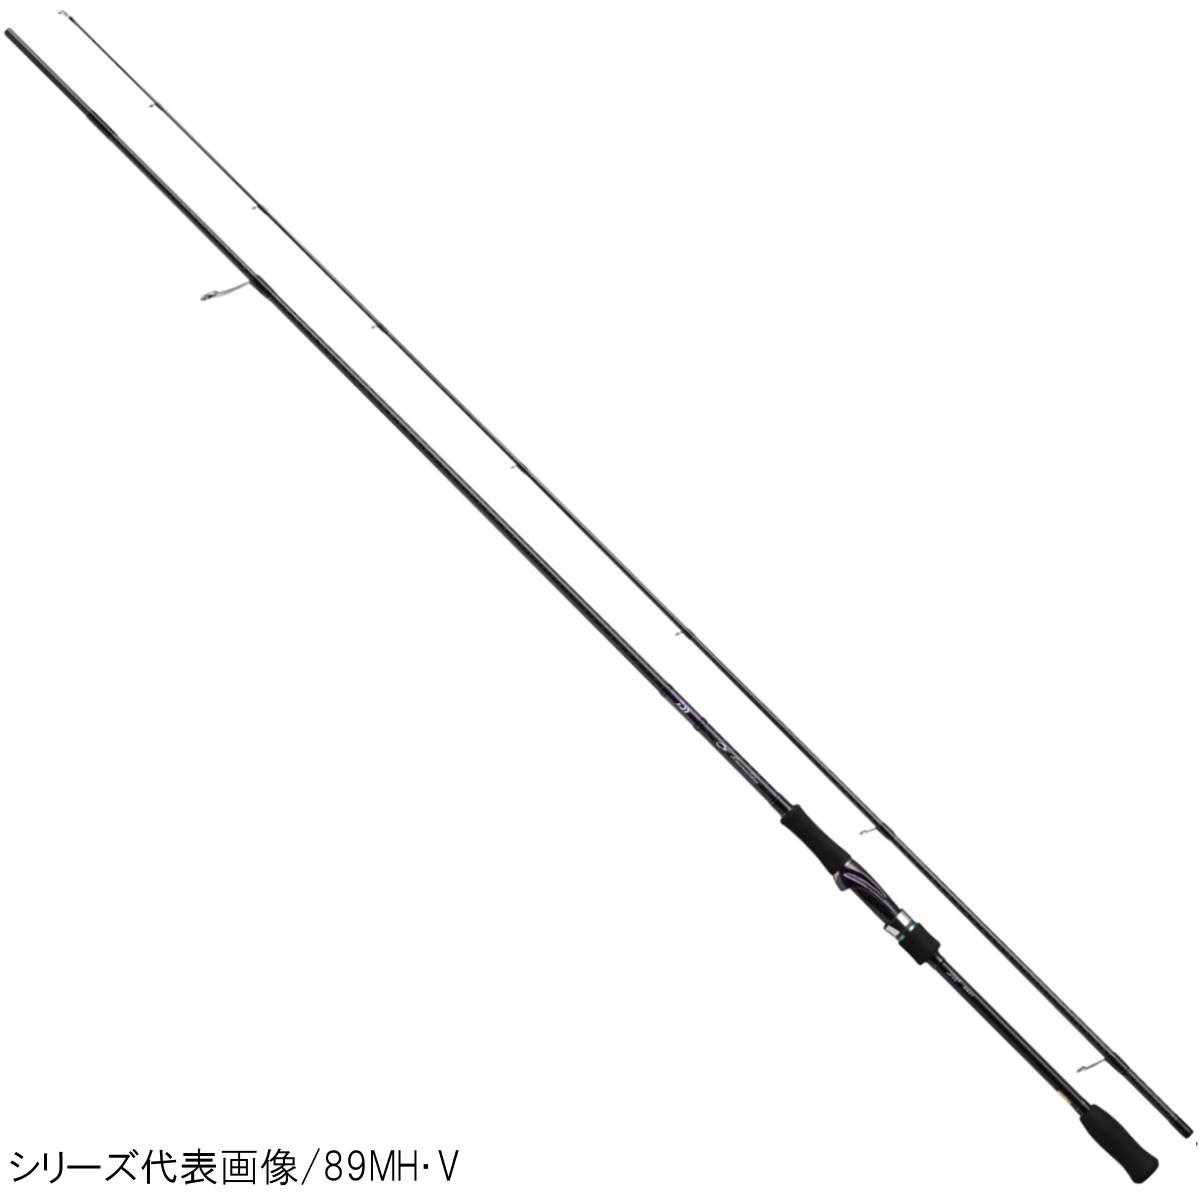 ダイワ エメラルダス 86ML・V(東日本店)